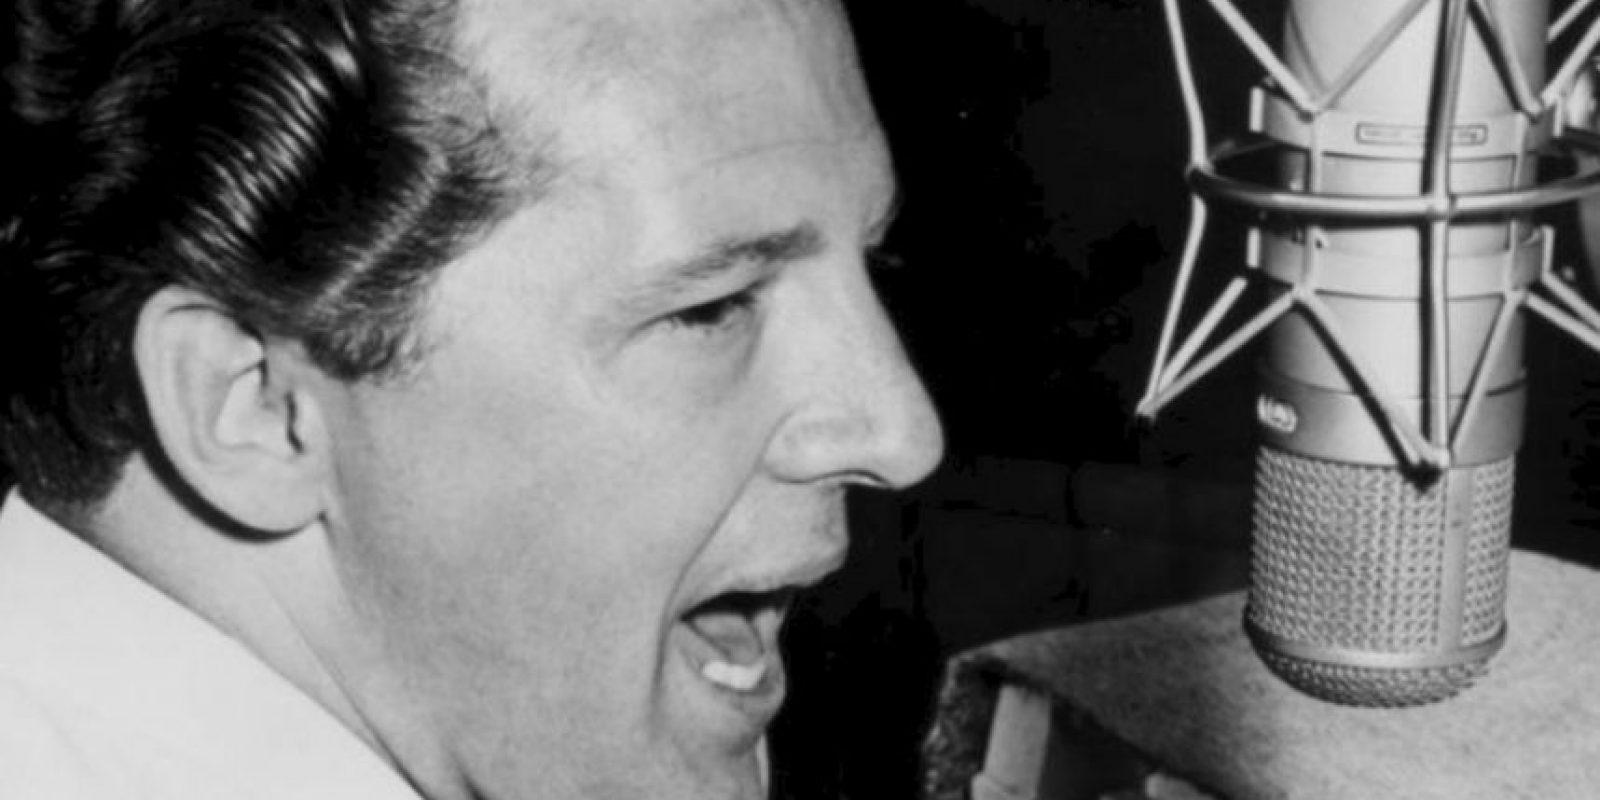 Jerry Lee Lewis: El ícono del rock se casó con su prima Myra Brown, de solo 13 años. Fue un escándalo total para la época (finales de los años 50) y eso arruinó la vida profesional del rockero. Foto:vía Getty Images